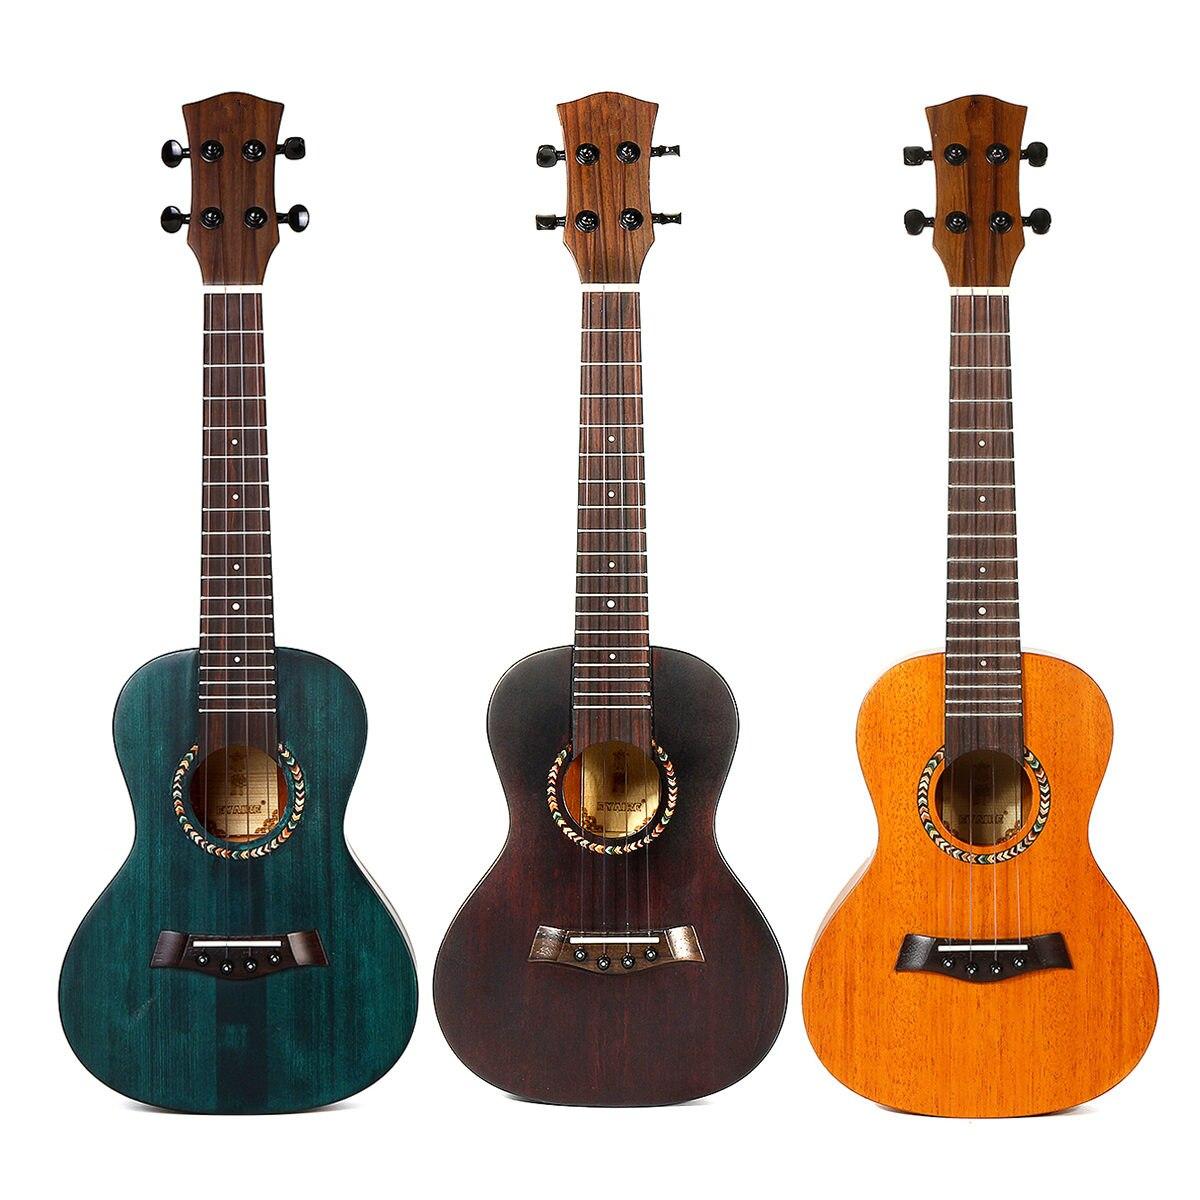 23 pouces 4 cordes ukulélé hawaïen Mini guitare guitare acoustique acajou Ukelele guitare avec sac Instrument de musique cadeau